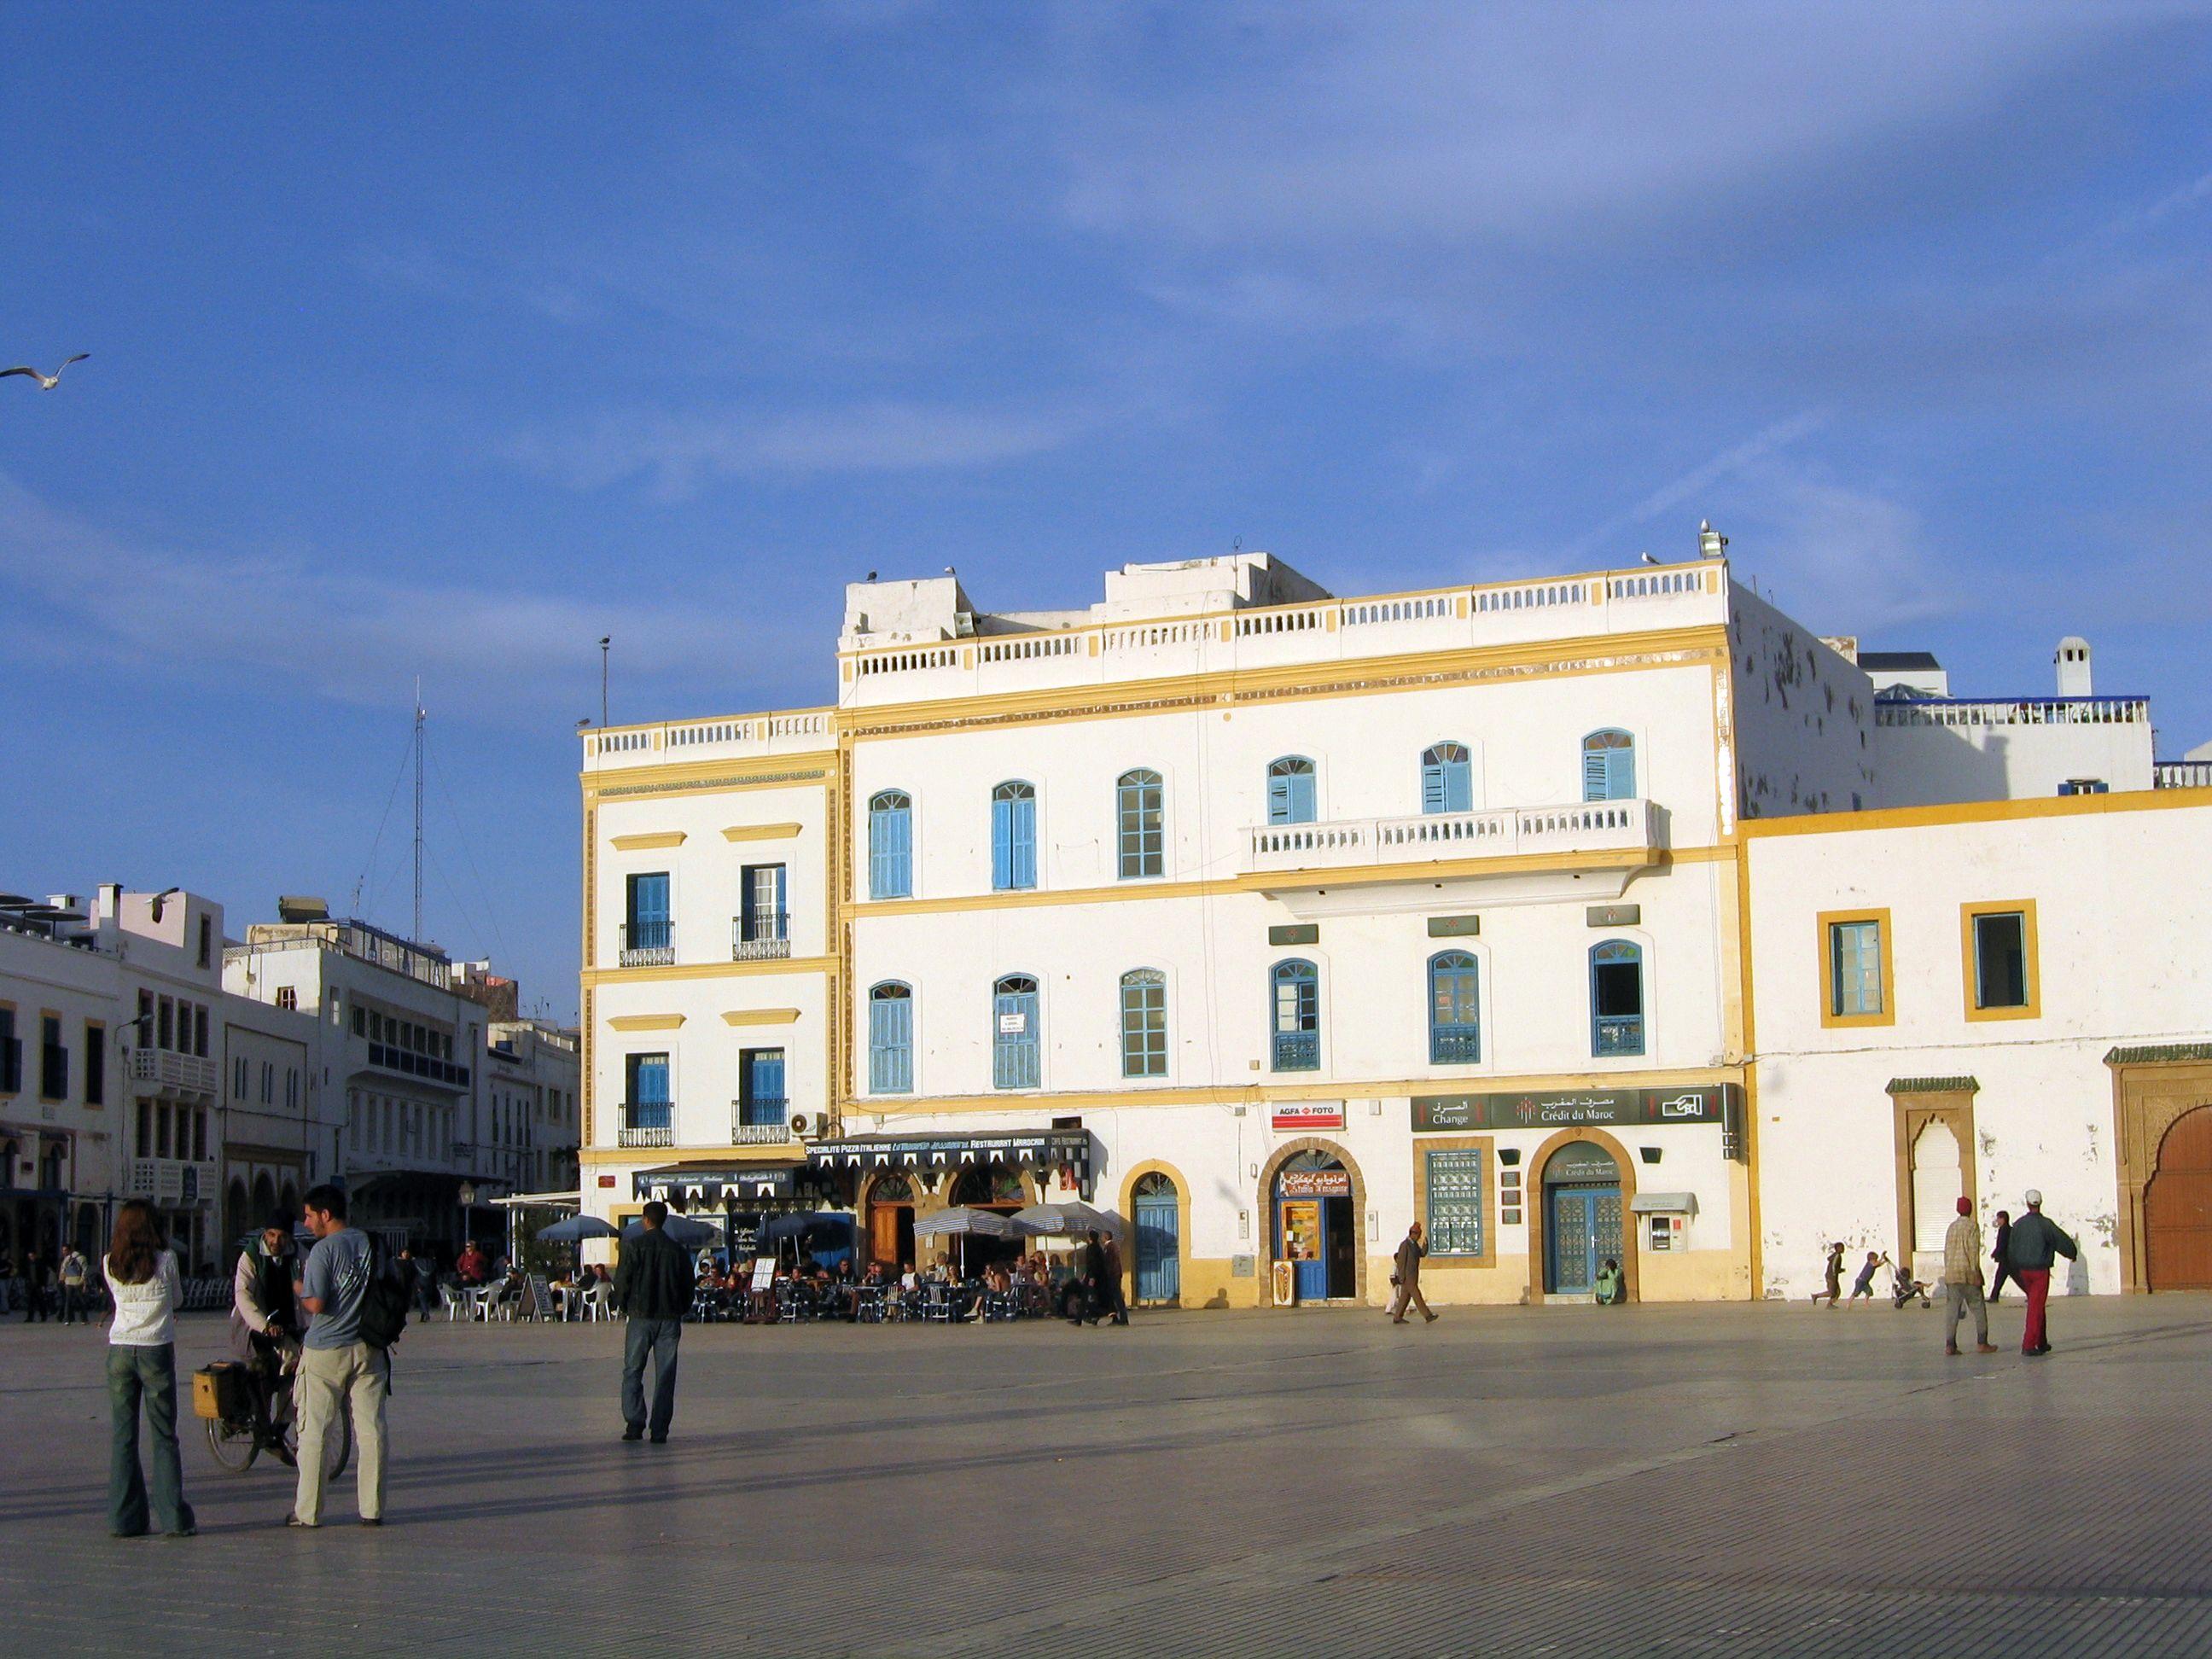 marokko_037_2.jpg